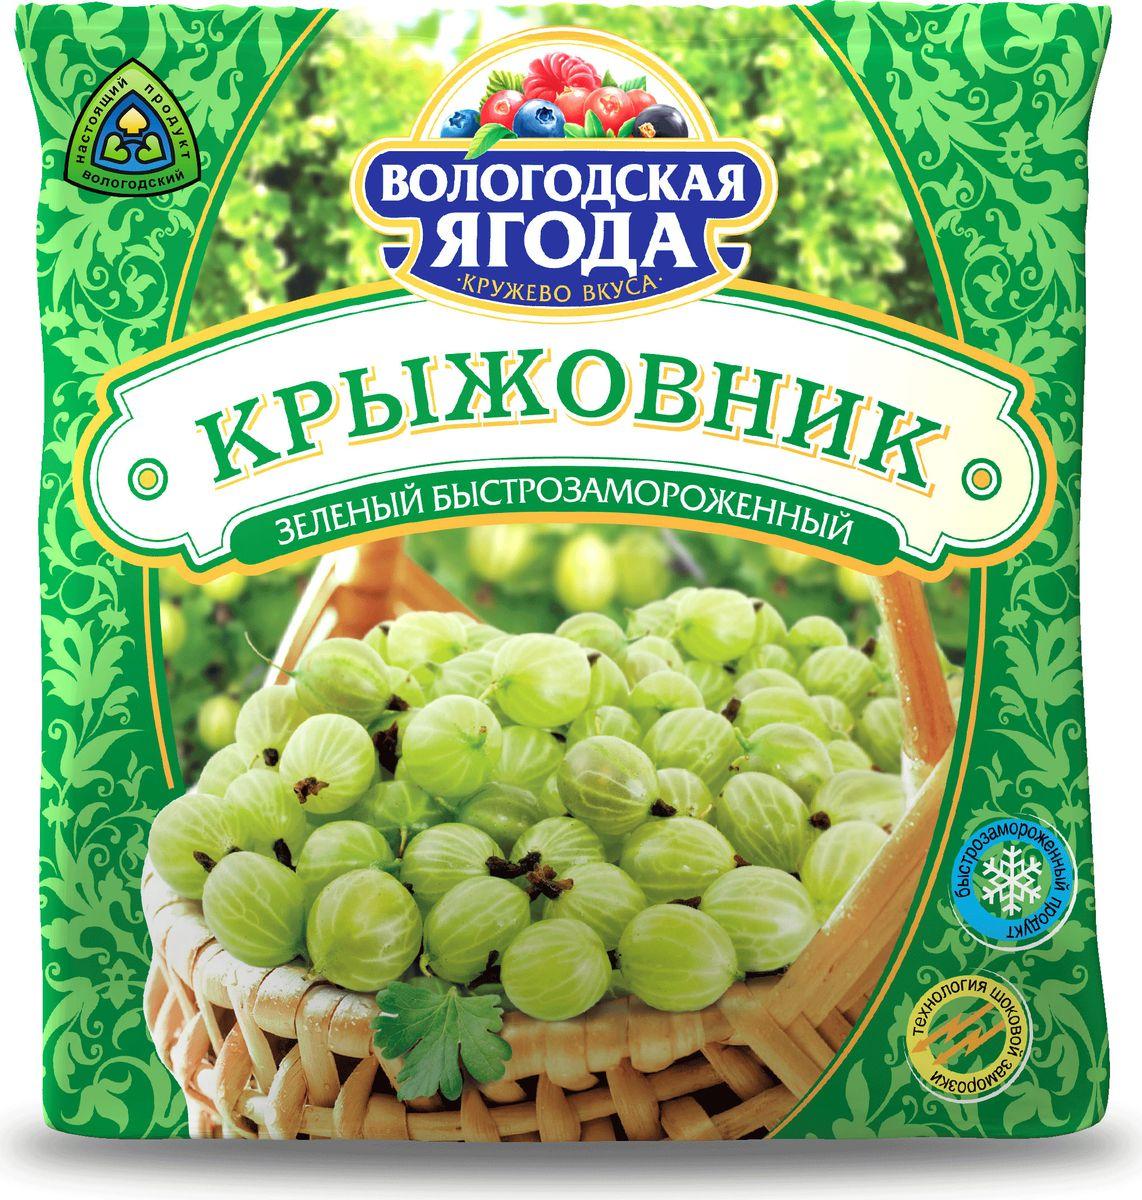 Кружево Вкуса Крыжовник зеленый быстрозамороженный, 300 г00000000120Польза крыжовника заключается в его составе. Он богат каротином, фосфором и железом, содержит аскорбиновую кислоту, флавоны и антоцианы. Ягода является ценным продуктом для применения в диетологии. Эта ягода прекрасно подходит для приготовления полезного варенья, вина или киселя. Плоды растения плохо сочетаются с йогуртами и простоквашей, но отличный вкус придают творогу.